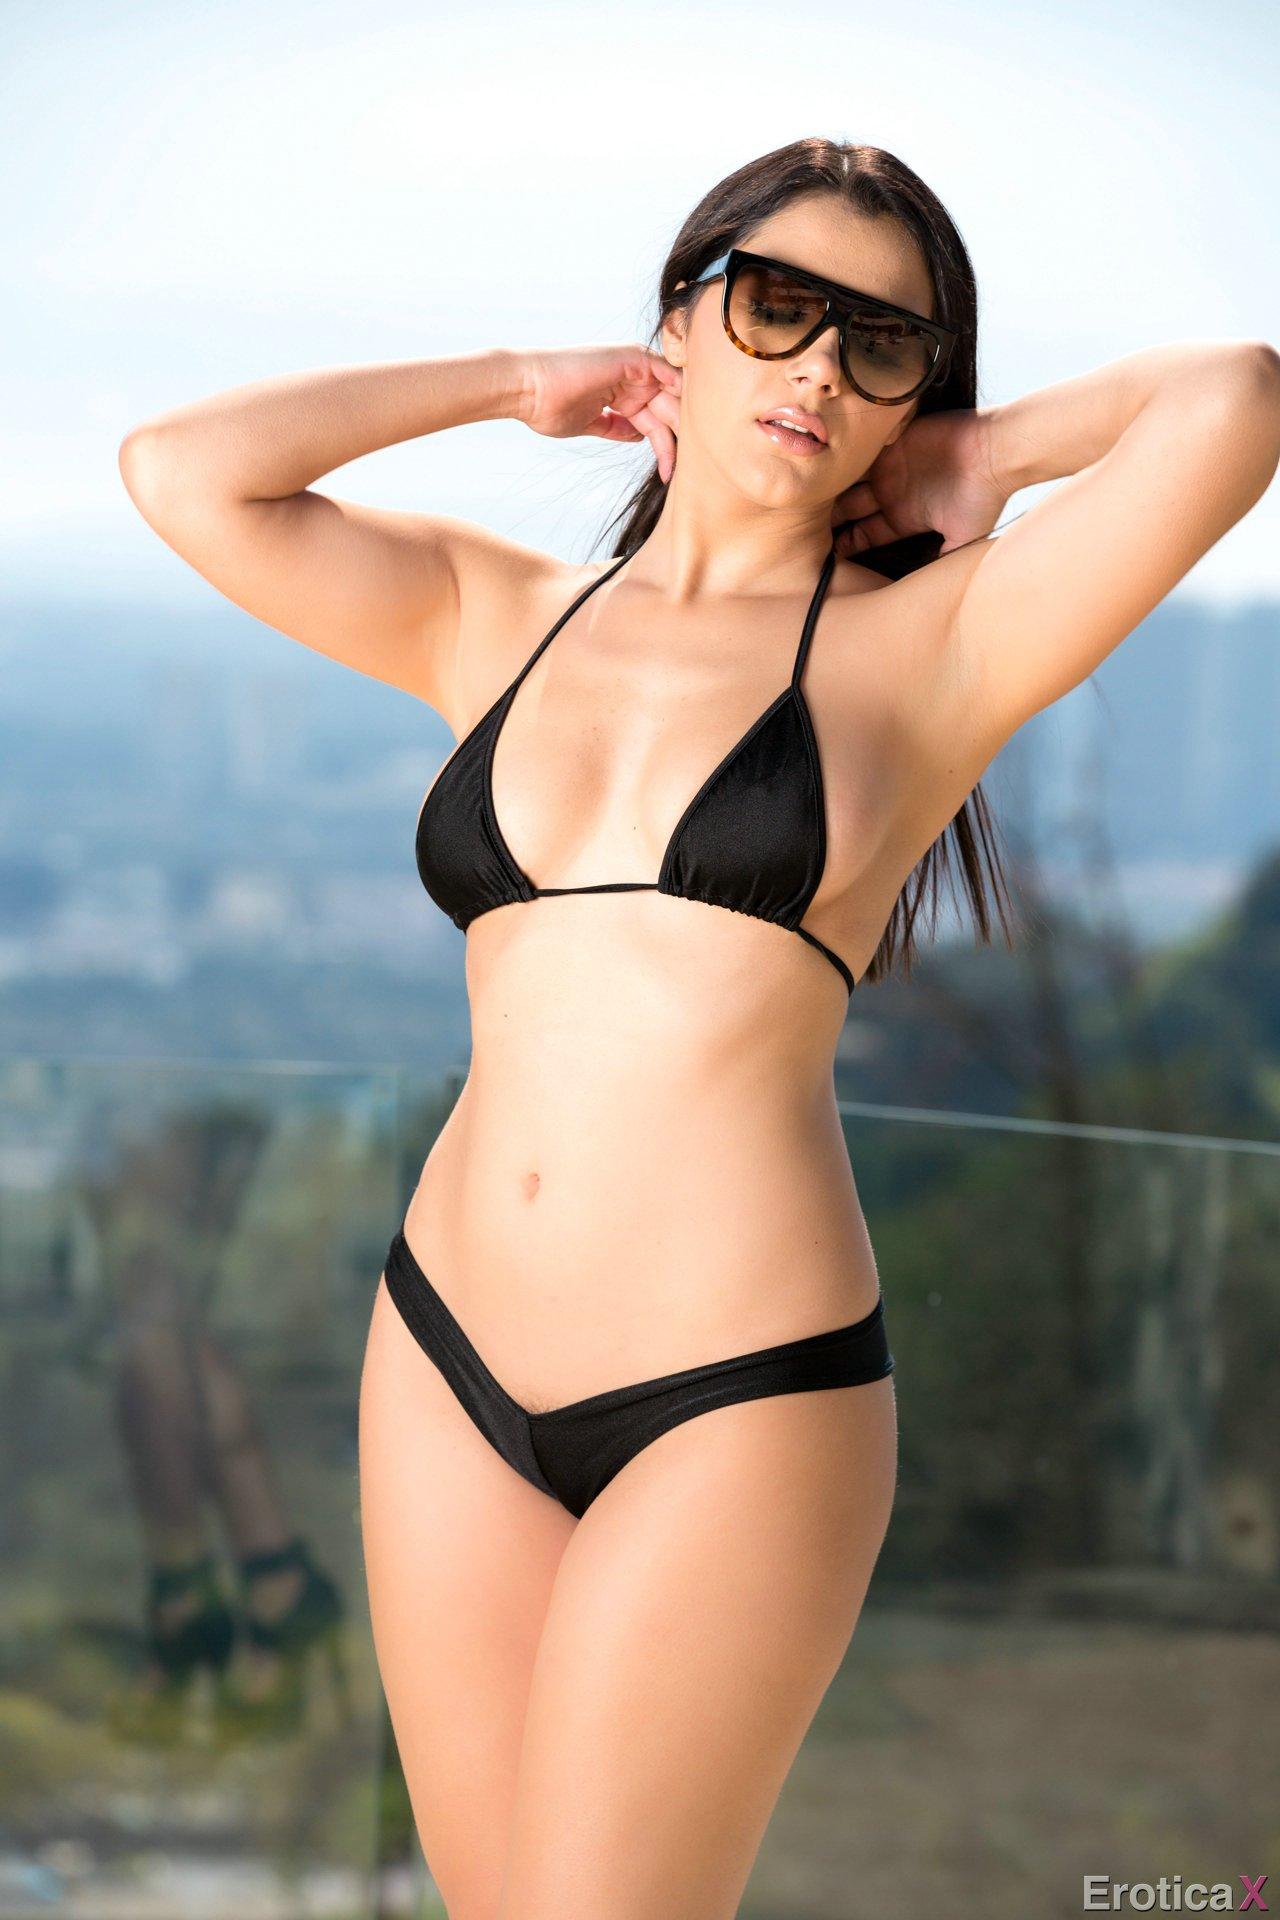 Valentina Nappi Takes Off Her Black Bikini - My Pornstar Book-3916